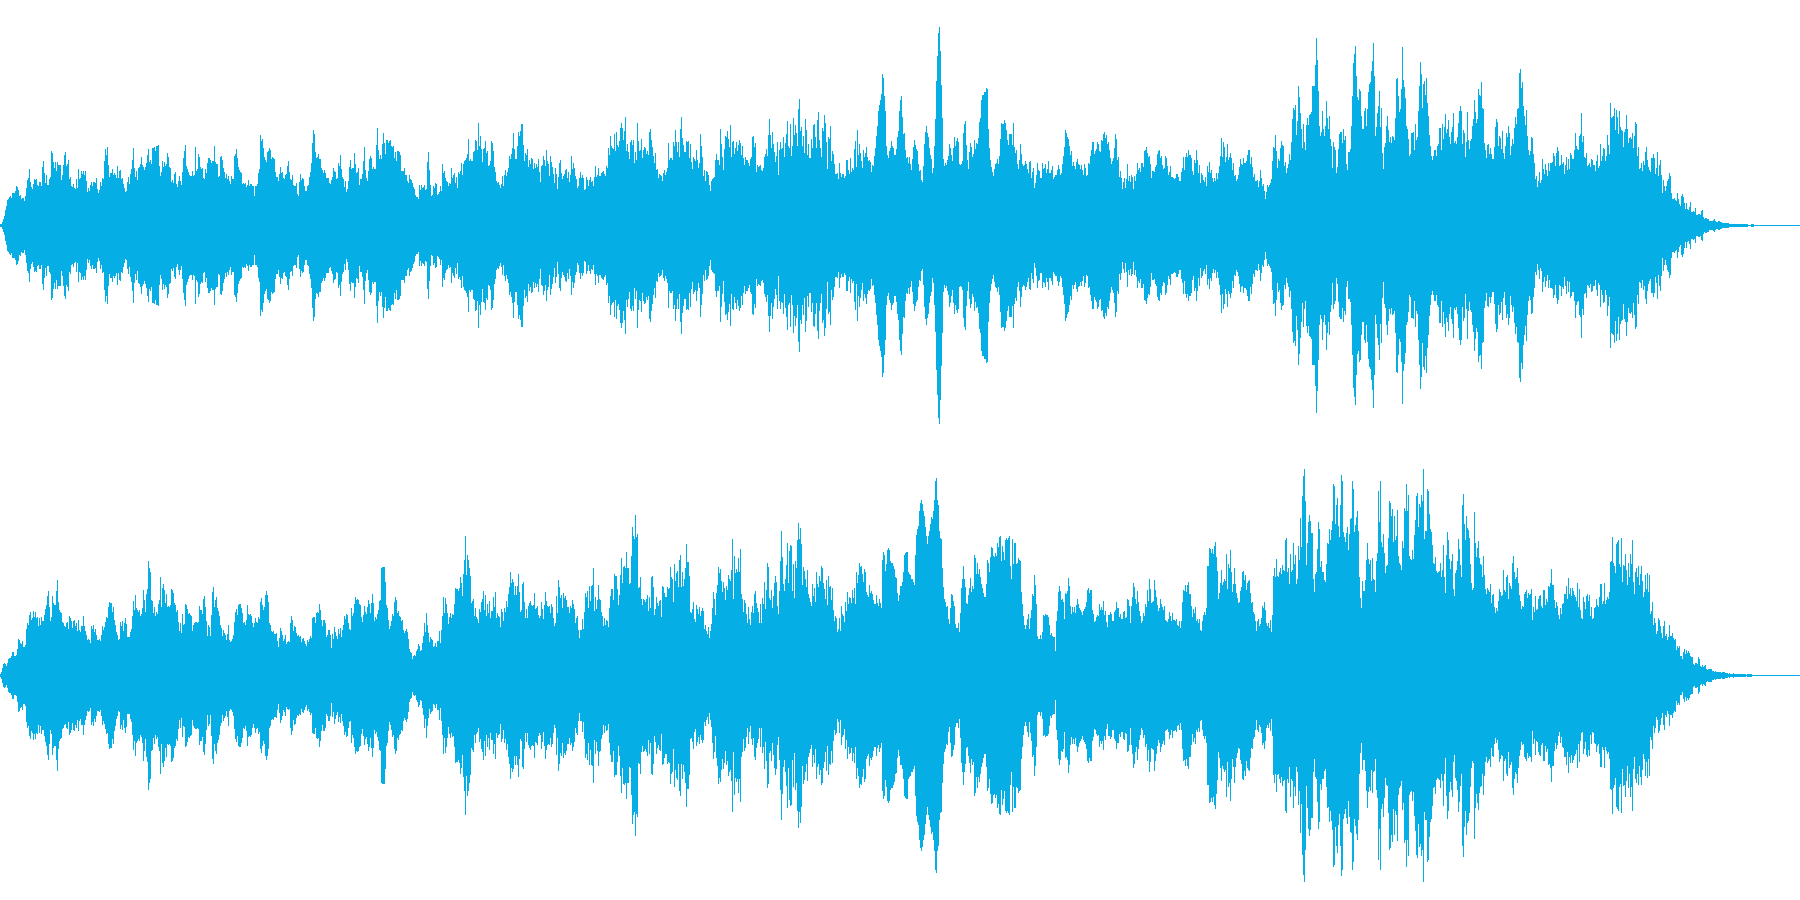 クラリネットを使った寂しげな雰囲気の曲の再生済みの波形